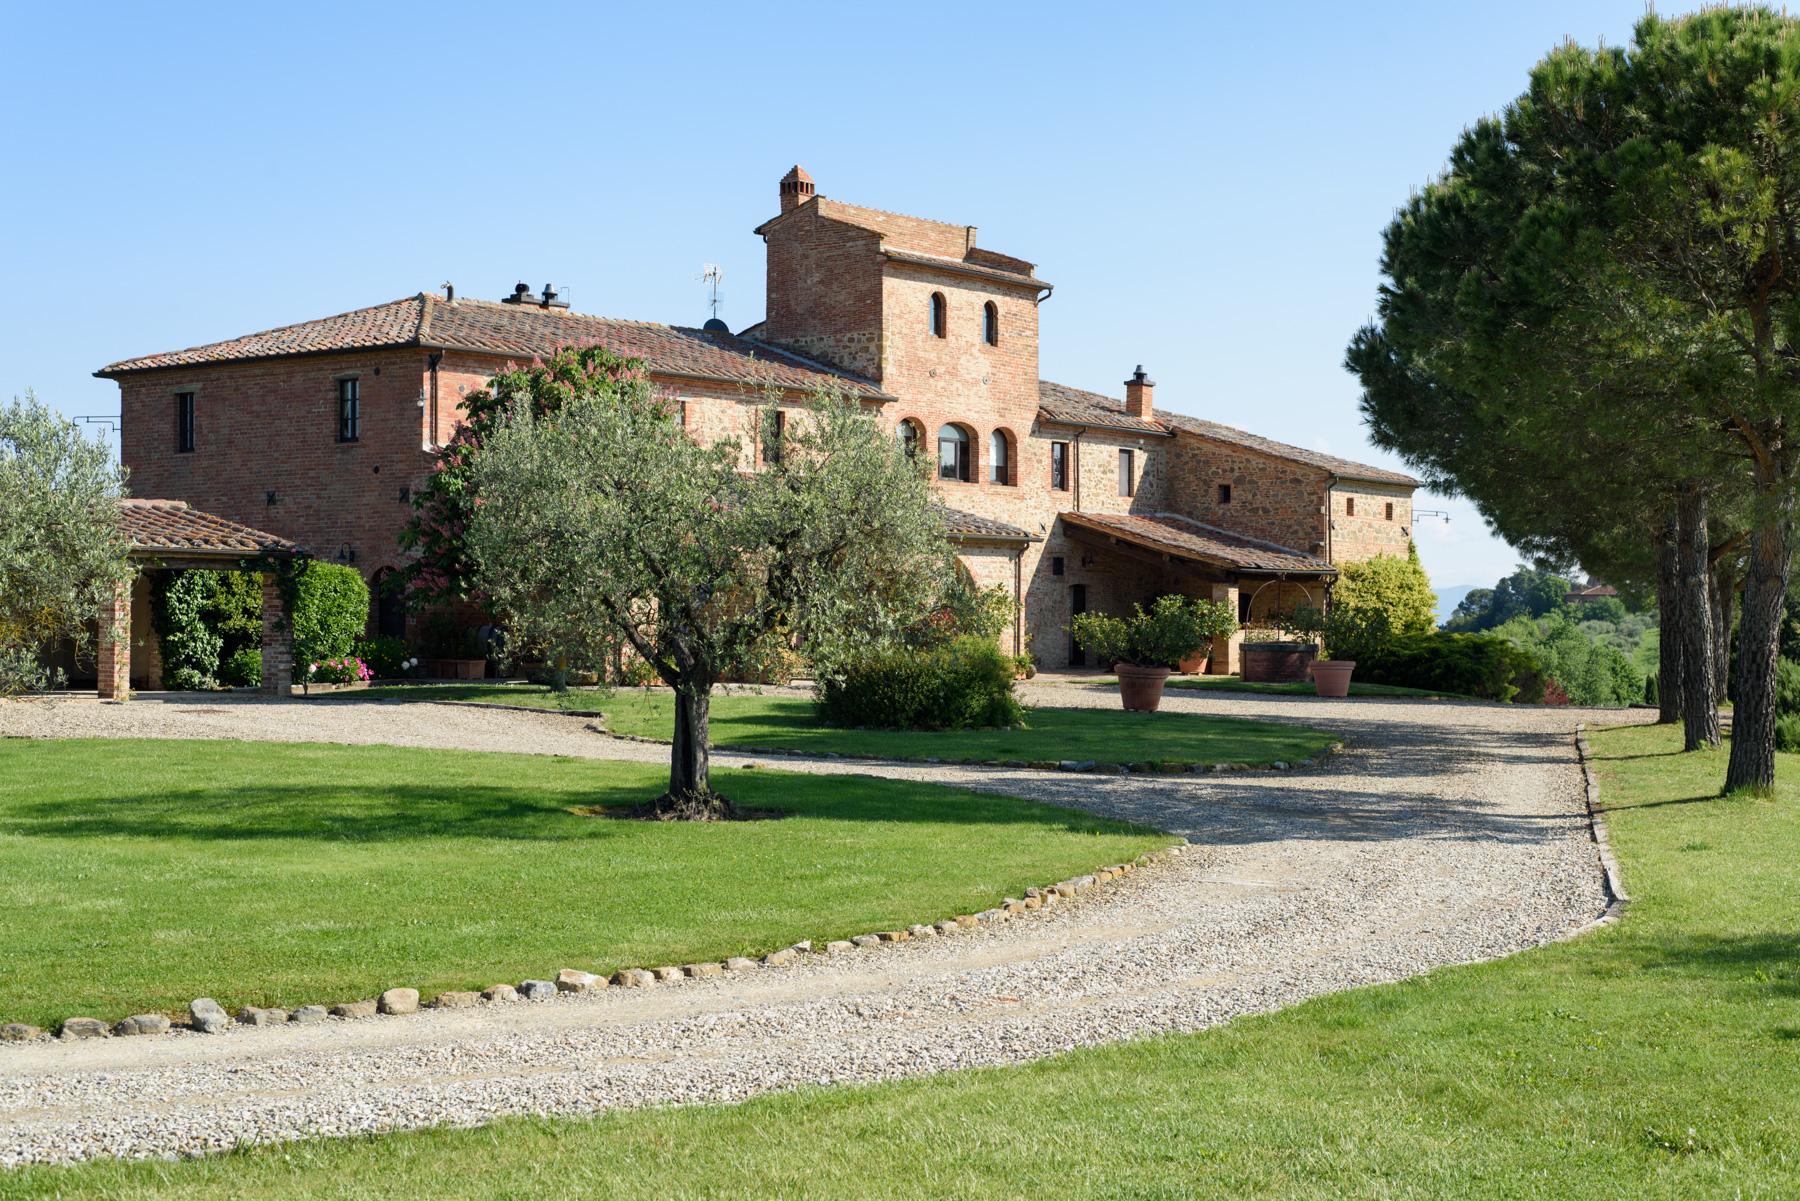 Villa in Vendita a Siena: 5 locali, 1300 mq - Foto 2